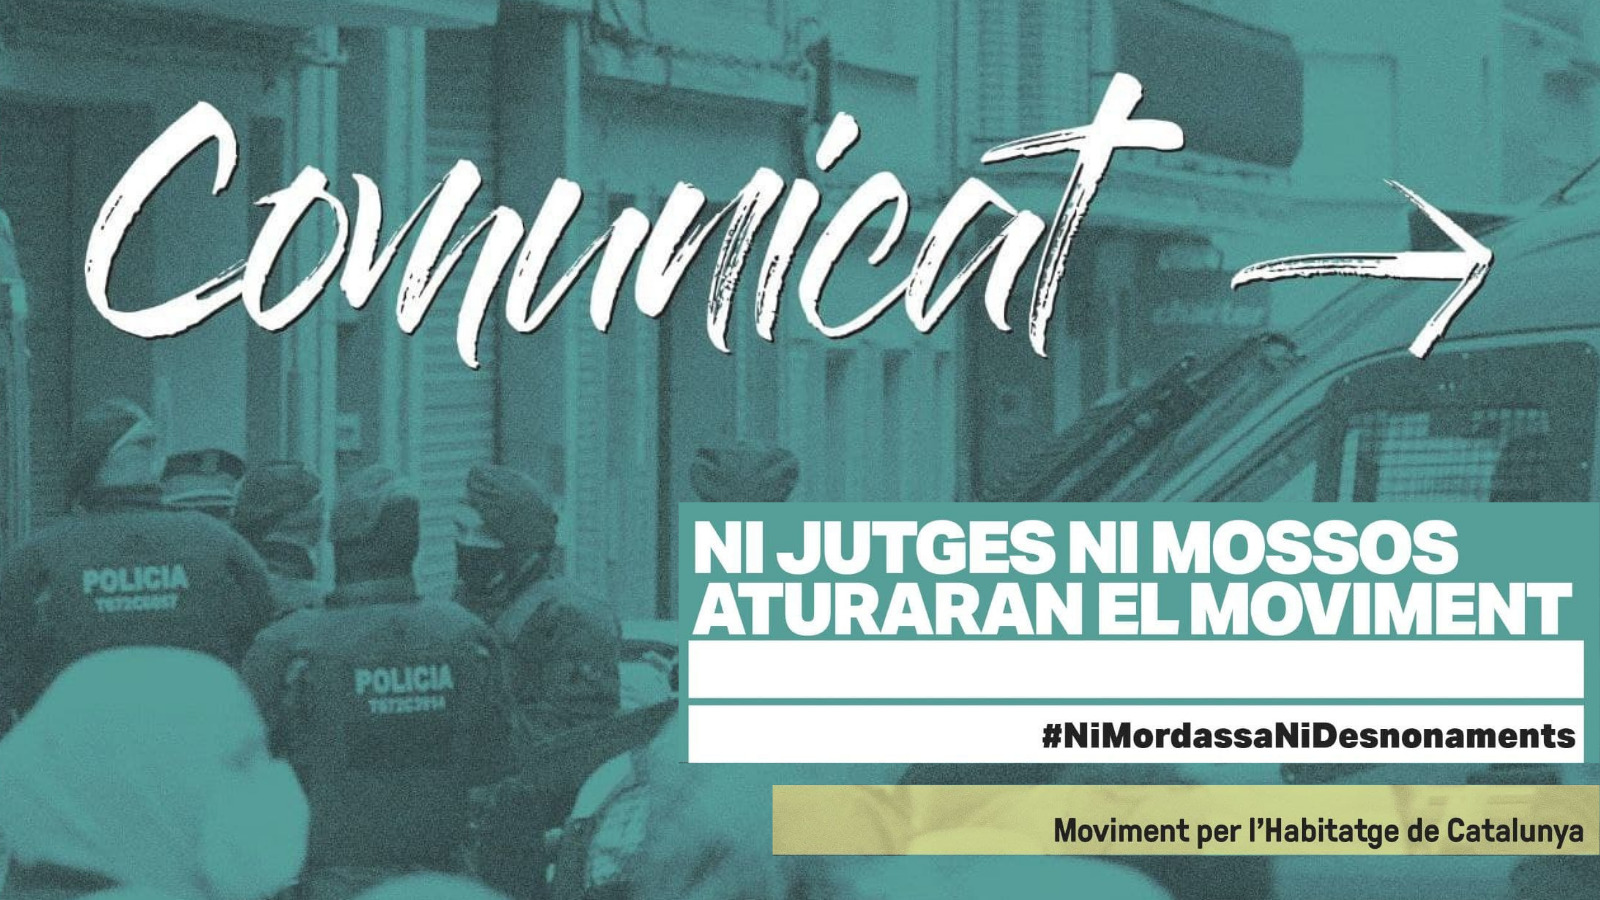 En este momento estás viendo Ni jutjes ni mossos aturaran el moviment